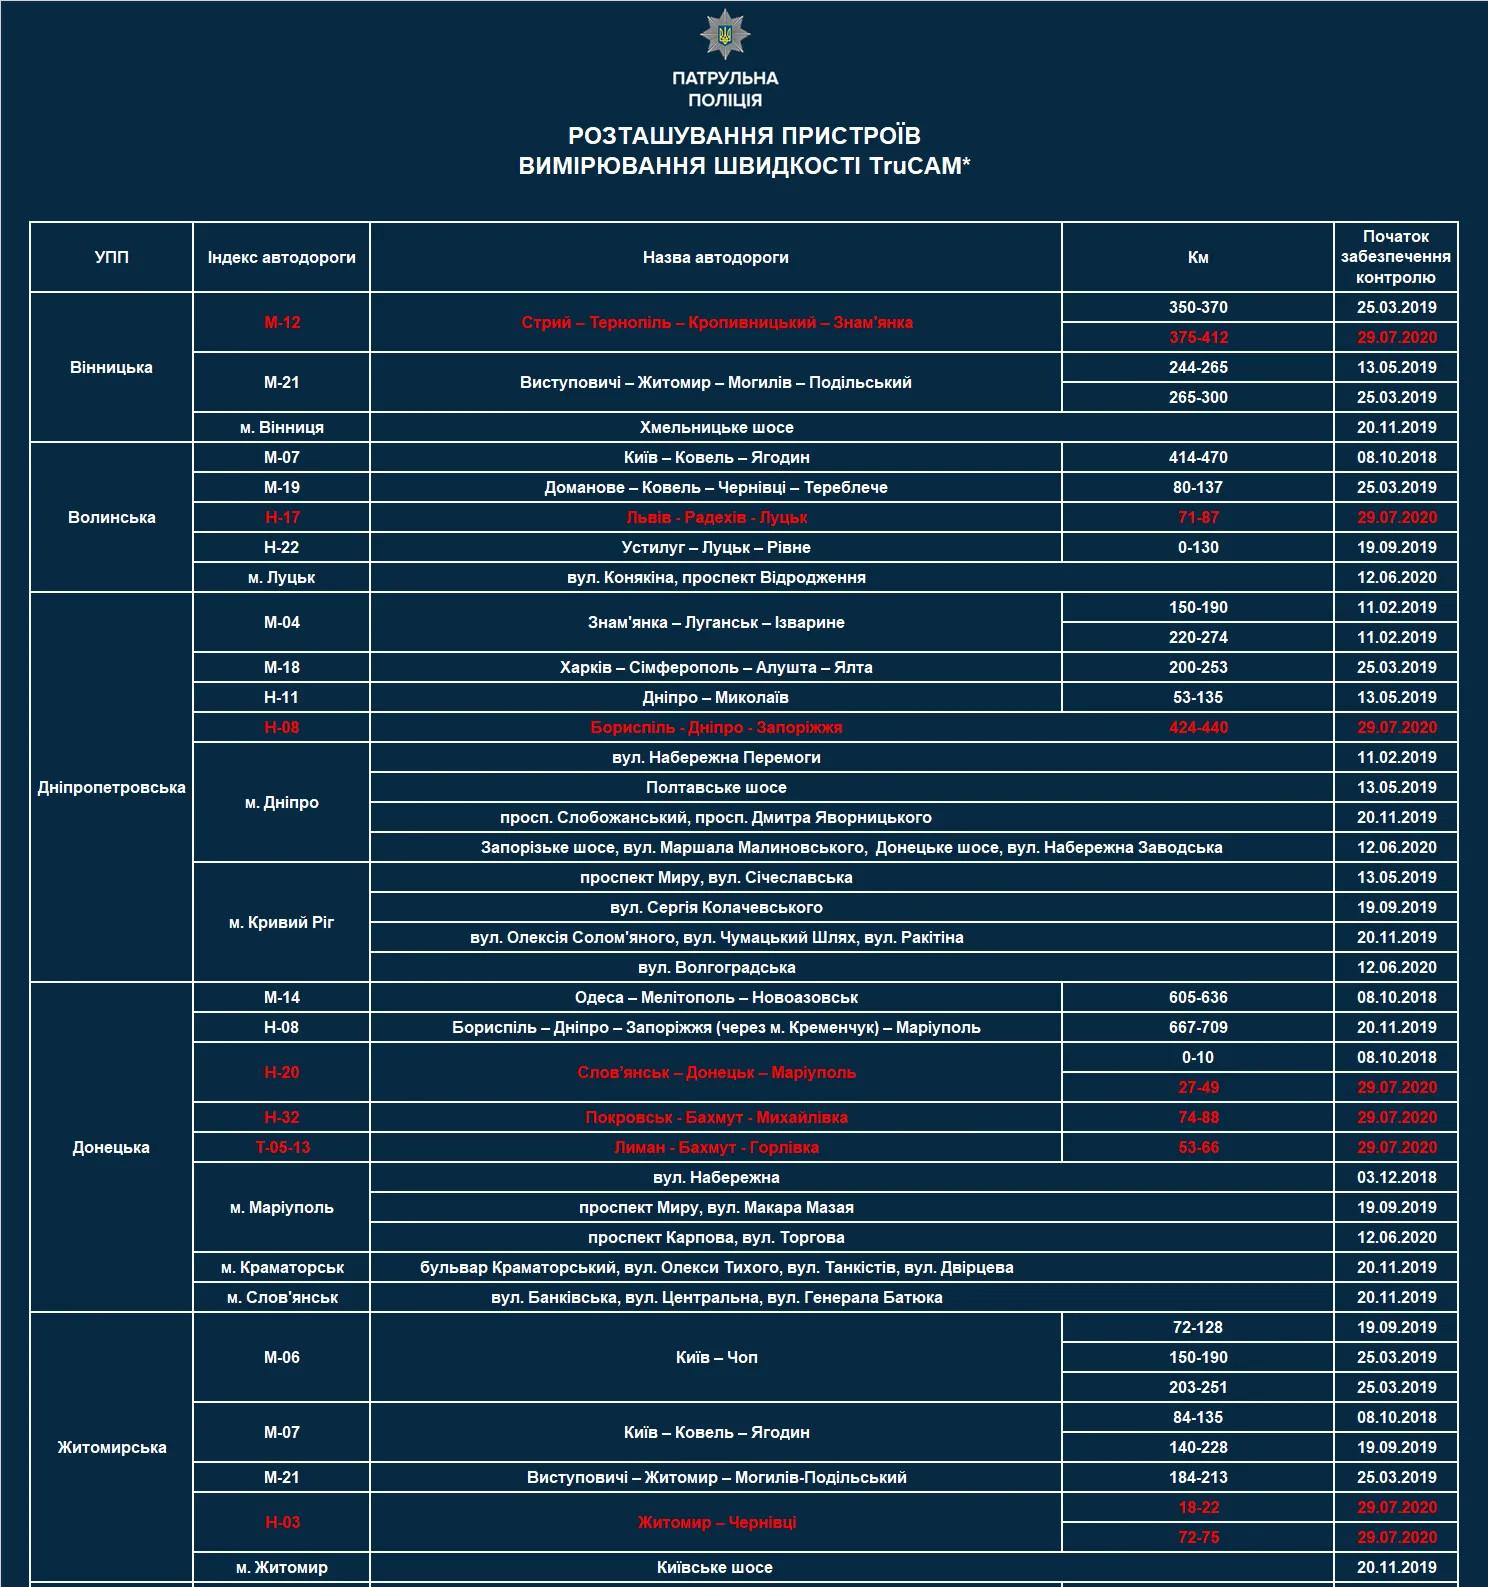 Таблица размещения приборов измерения скорости TruCAM на дорогах Украины